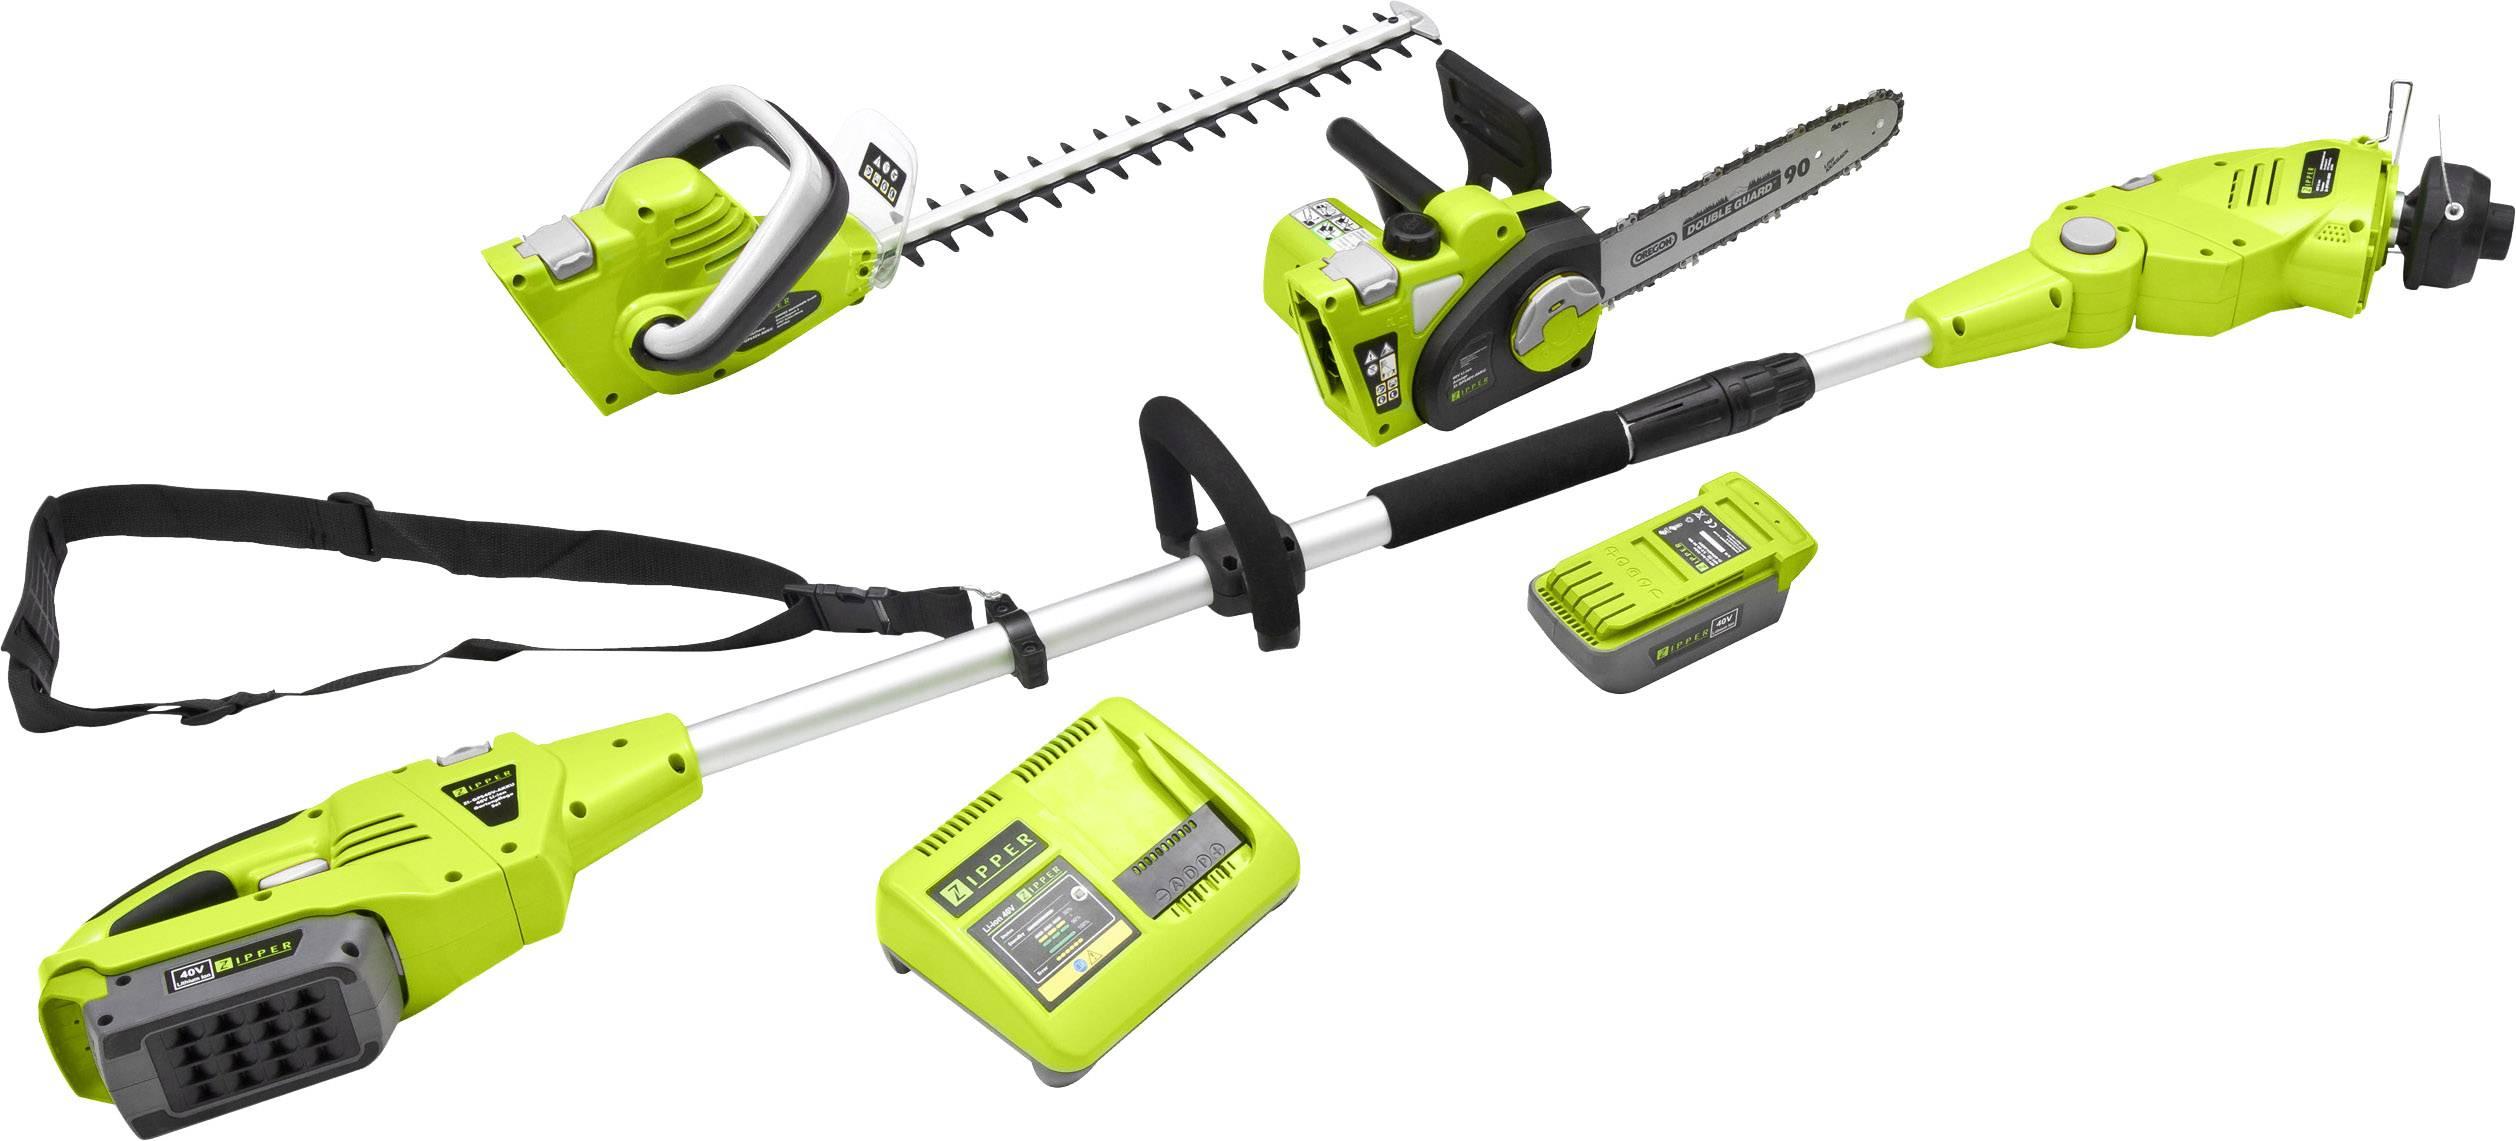 Les Outils De Jardinage Avec Photos zipper zi-gps40v-akku sans fil set d'outils de jardin avec batterie, avec  harnais 40 v li-ion